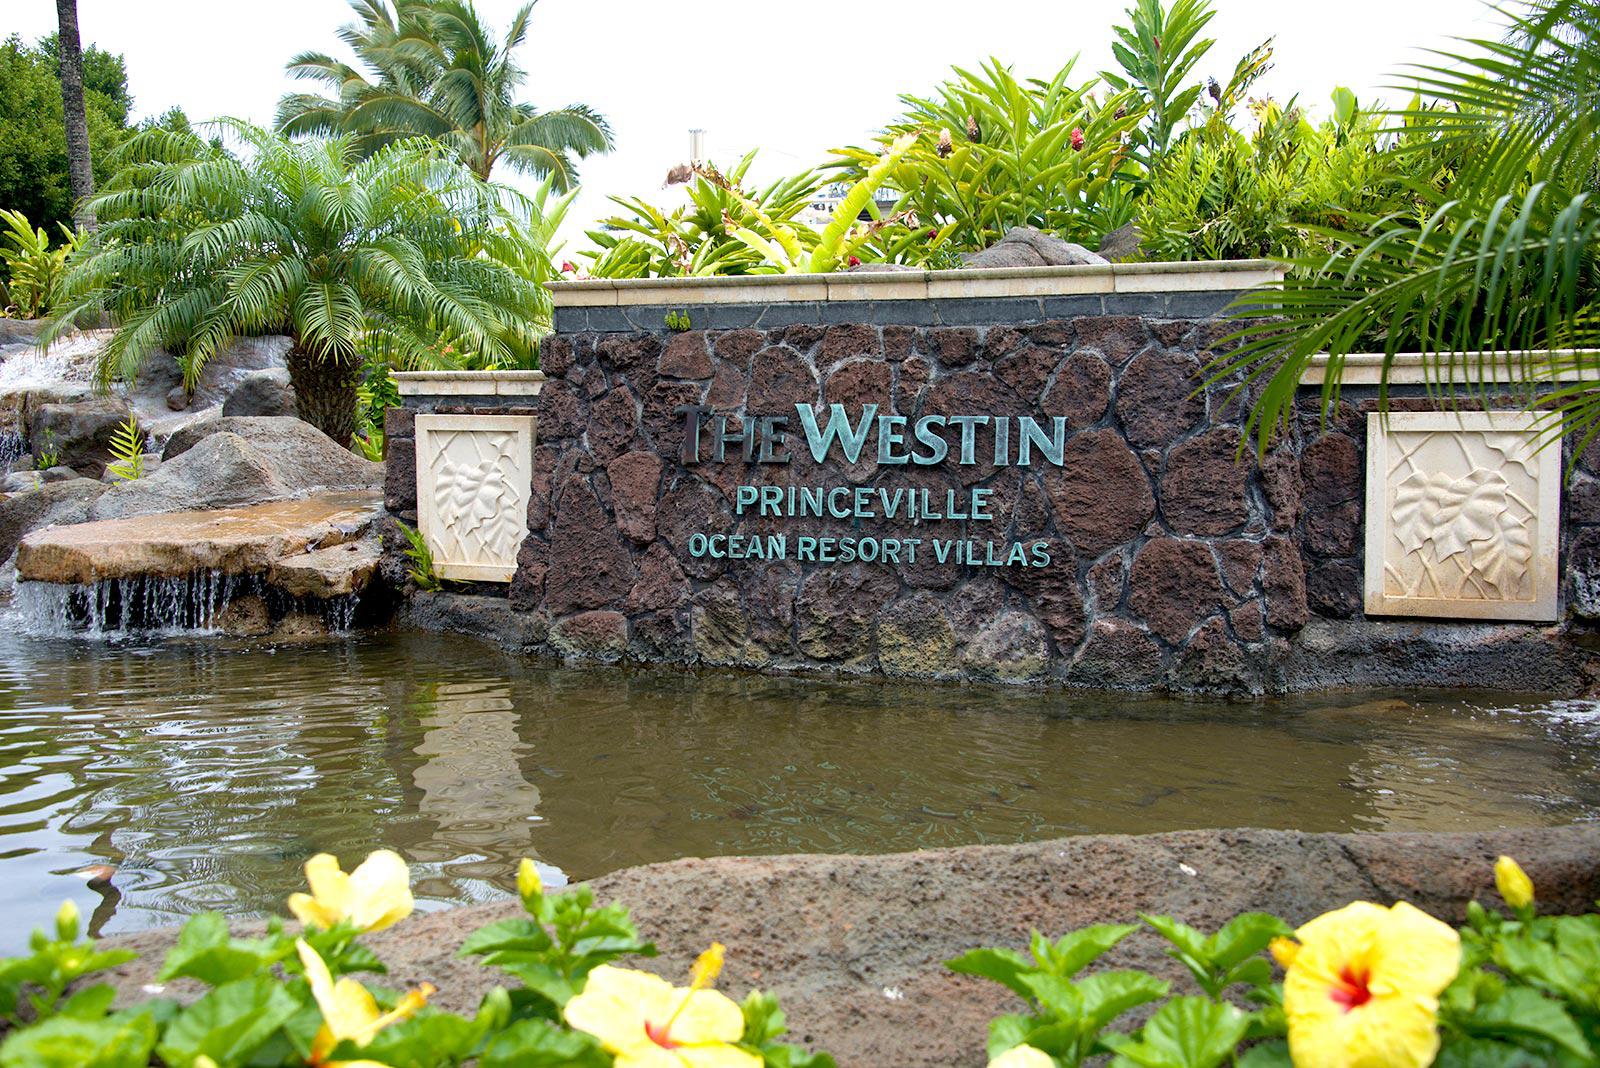 westin-princeville-ocean-resort-villas-4